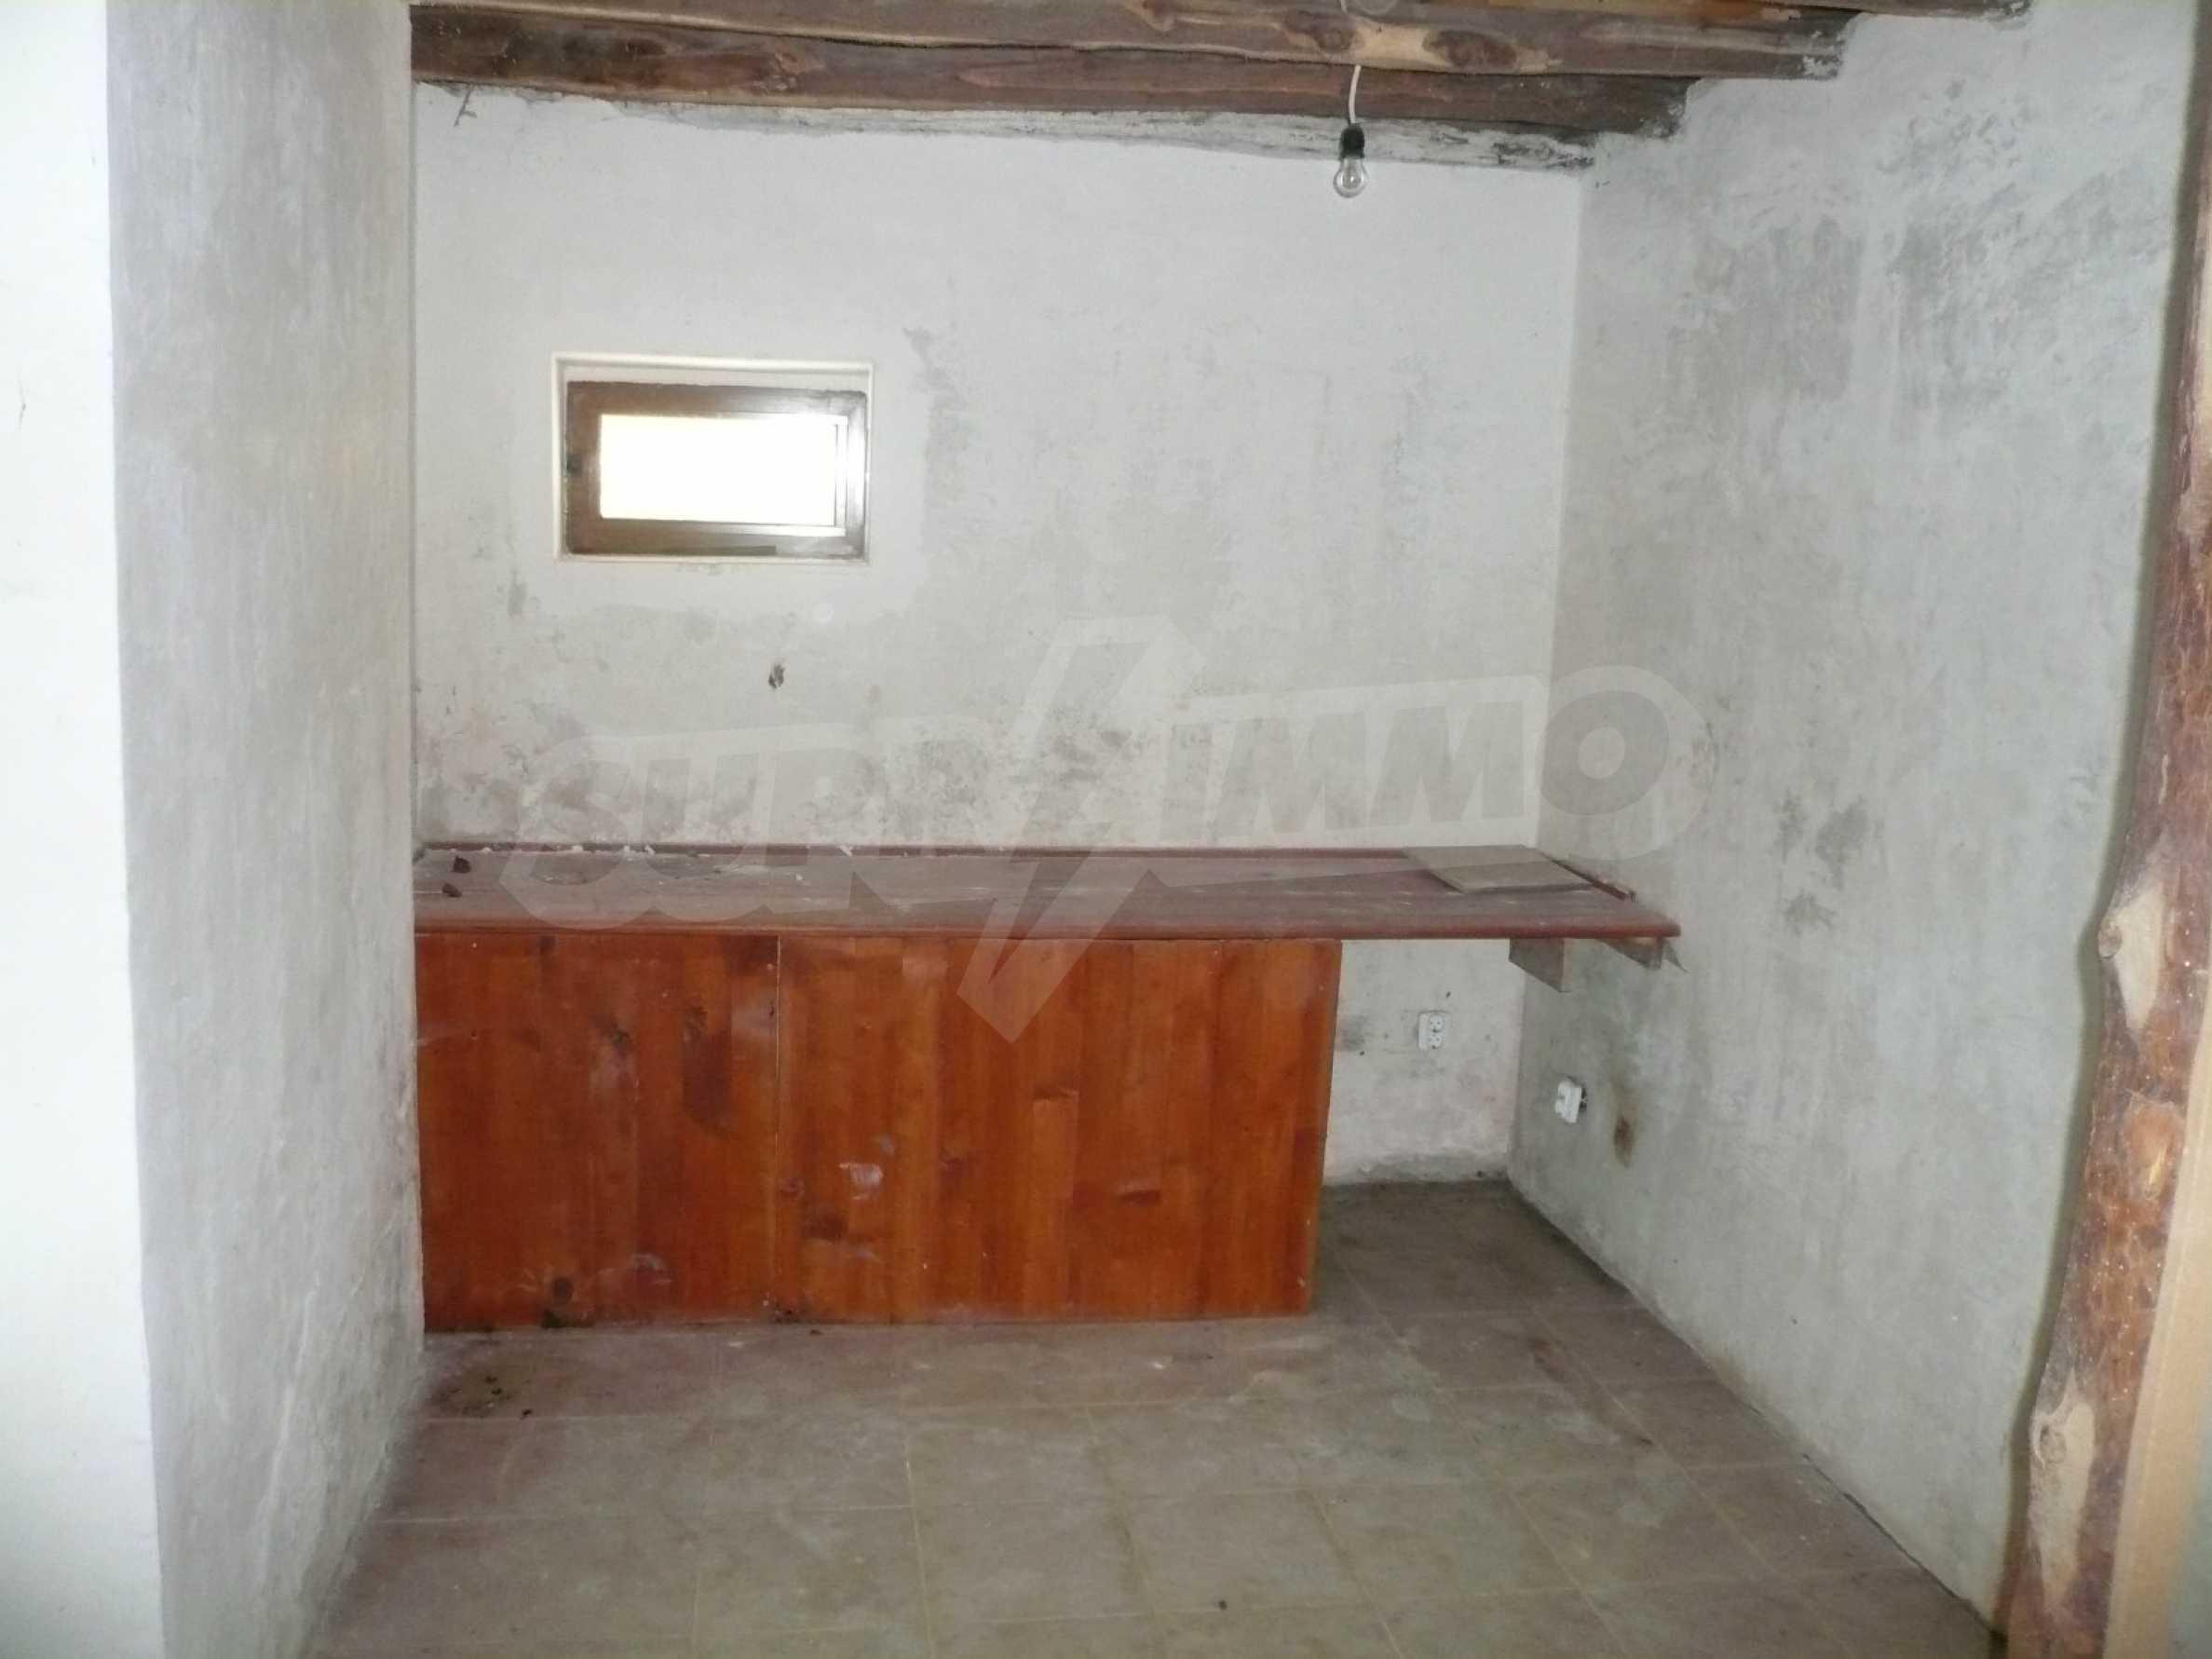 Отремонтированный домик в маленьком селе, недалеко от г. Видин 4